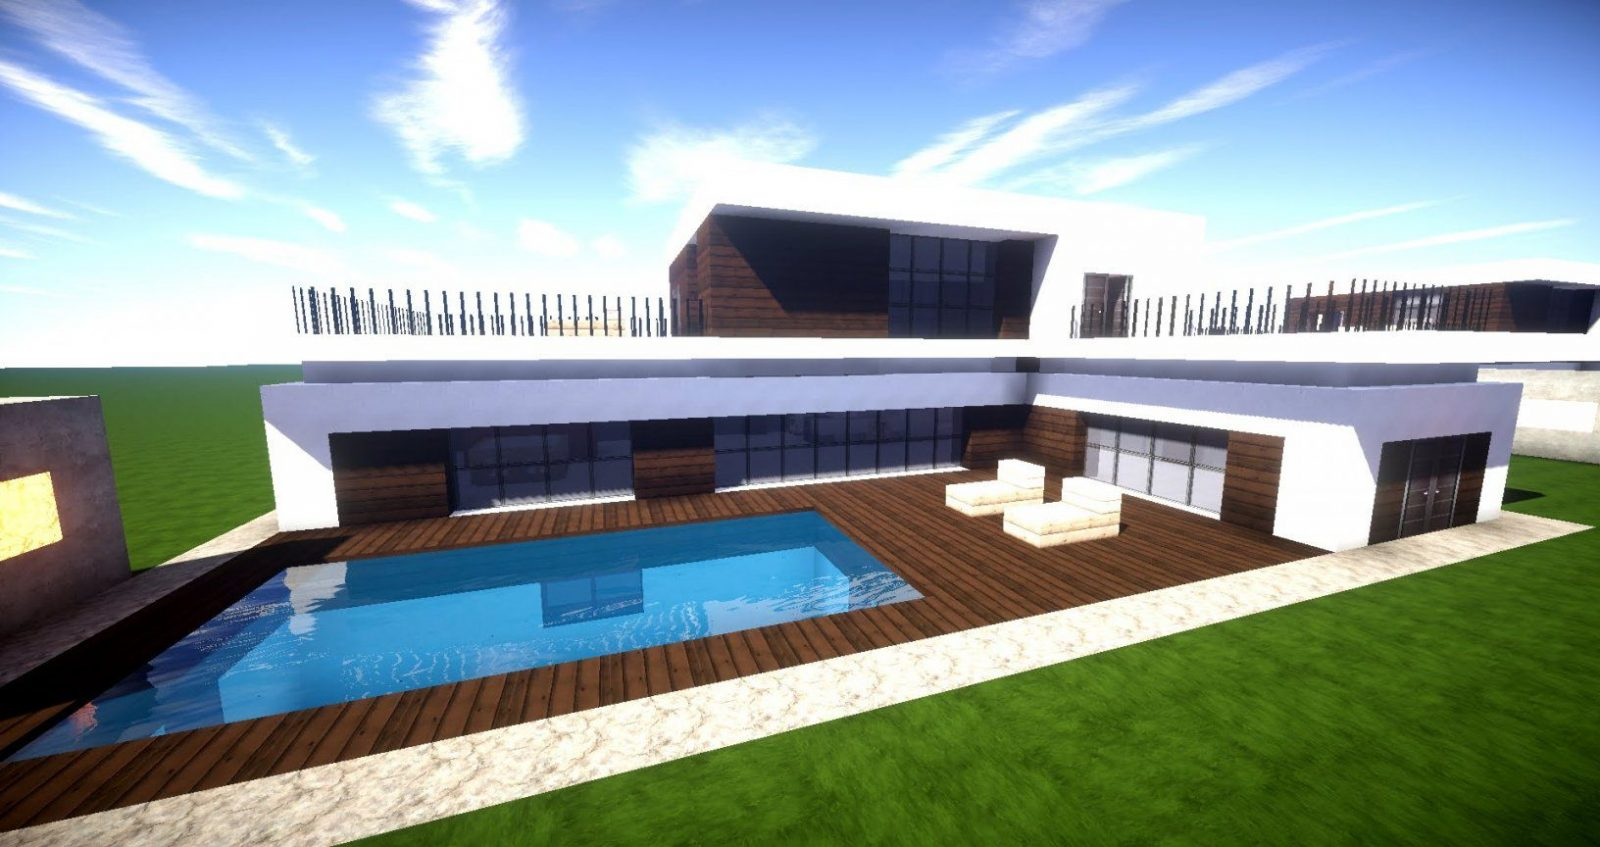 Minecraft Modernes Haus Mit Poolterrasse Bauen 27X20  Tutorial von Minecraft Häuser Bauen Mit Anleitung Photo